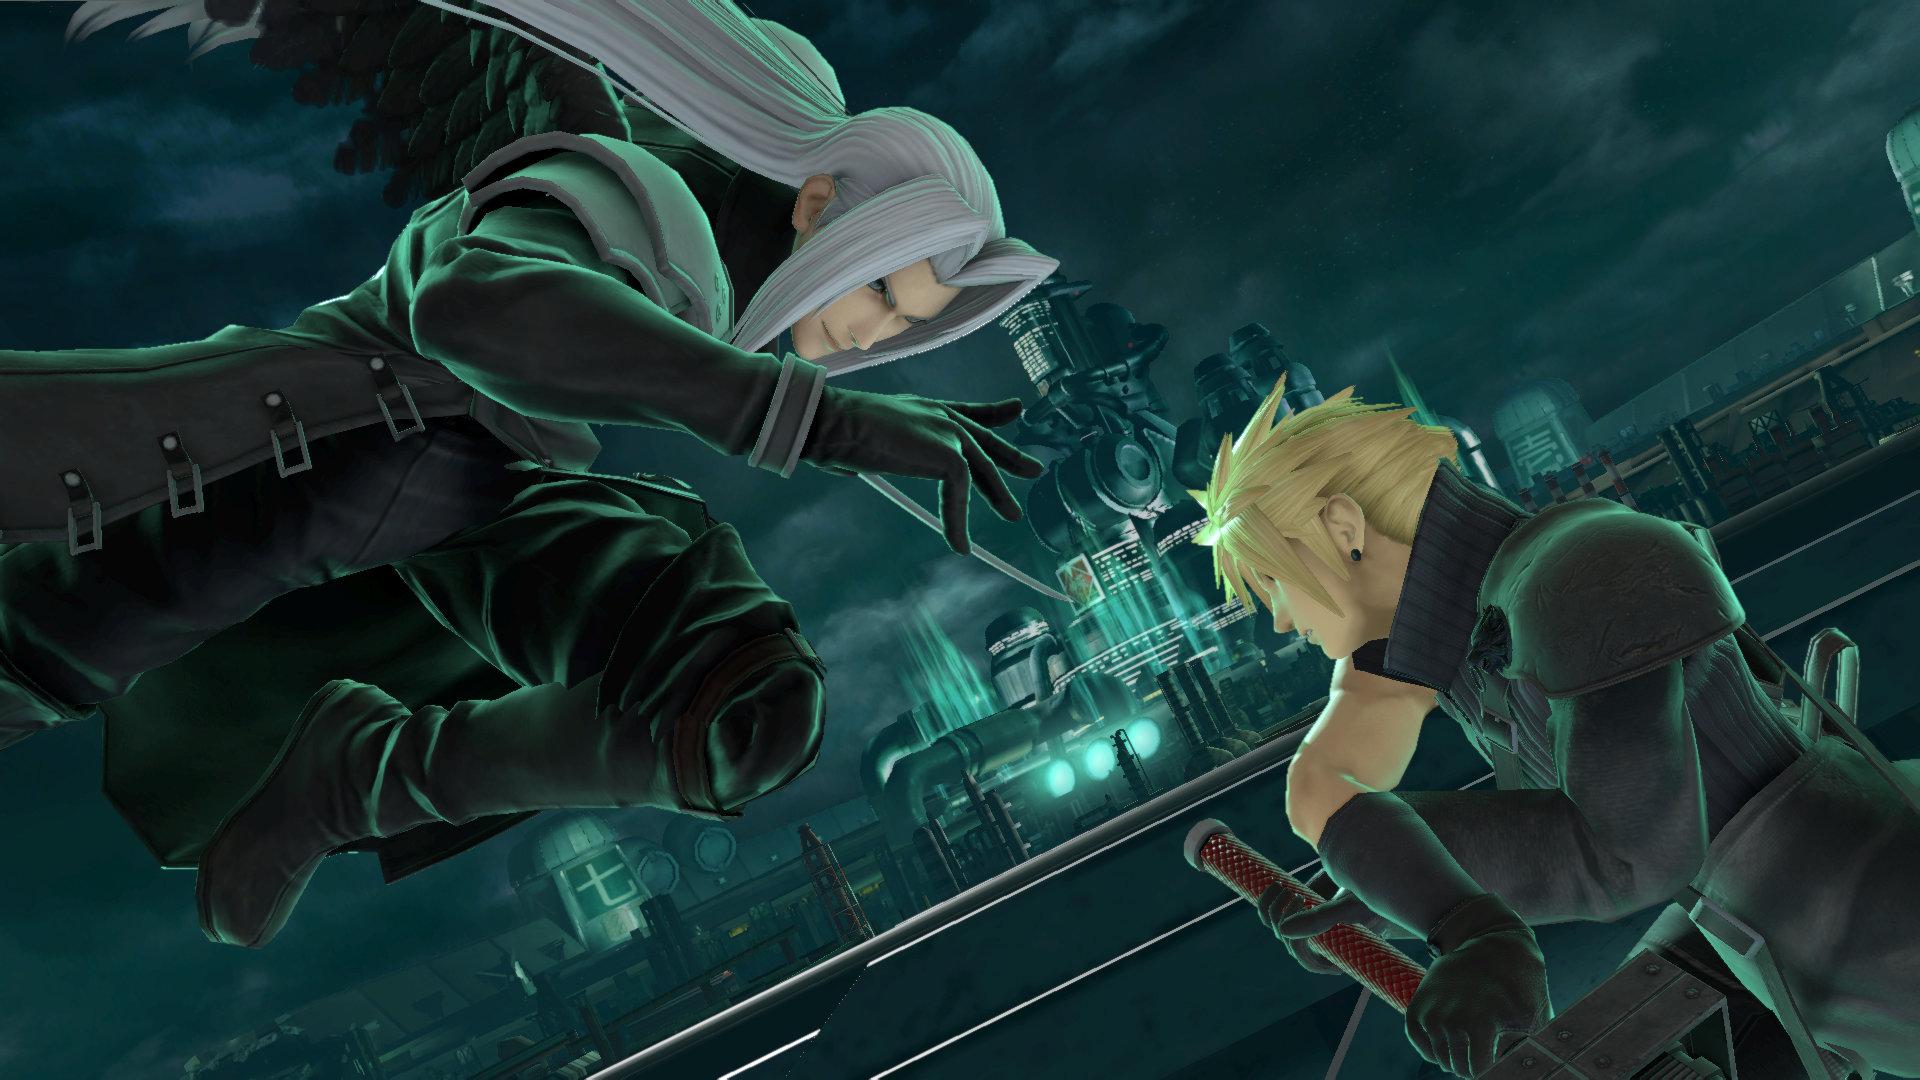 Super Smash Bros Ultimate Screenshot Sephiroth and Cloud